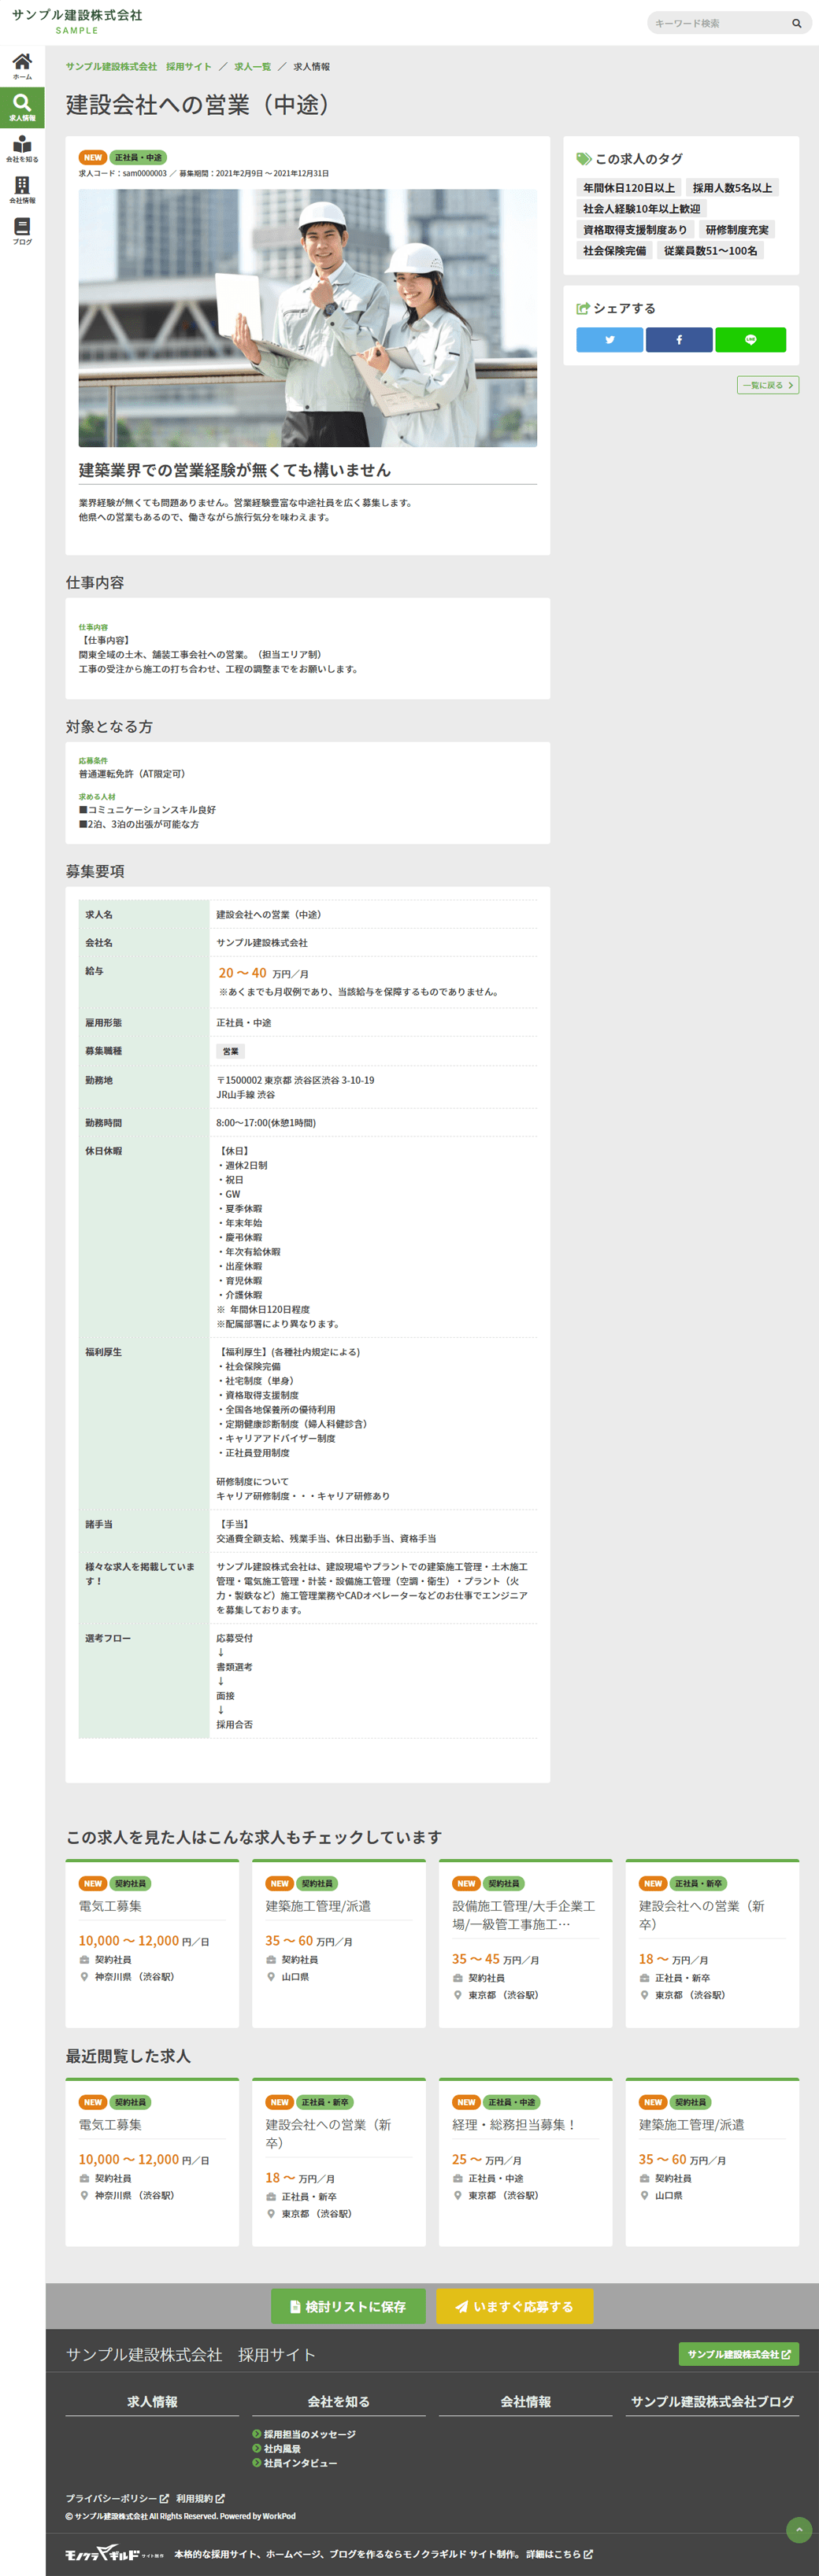 採用サイト 求人詳細